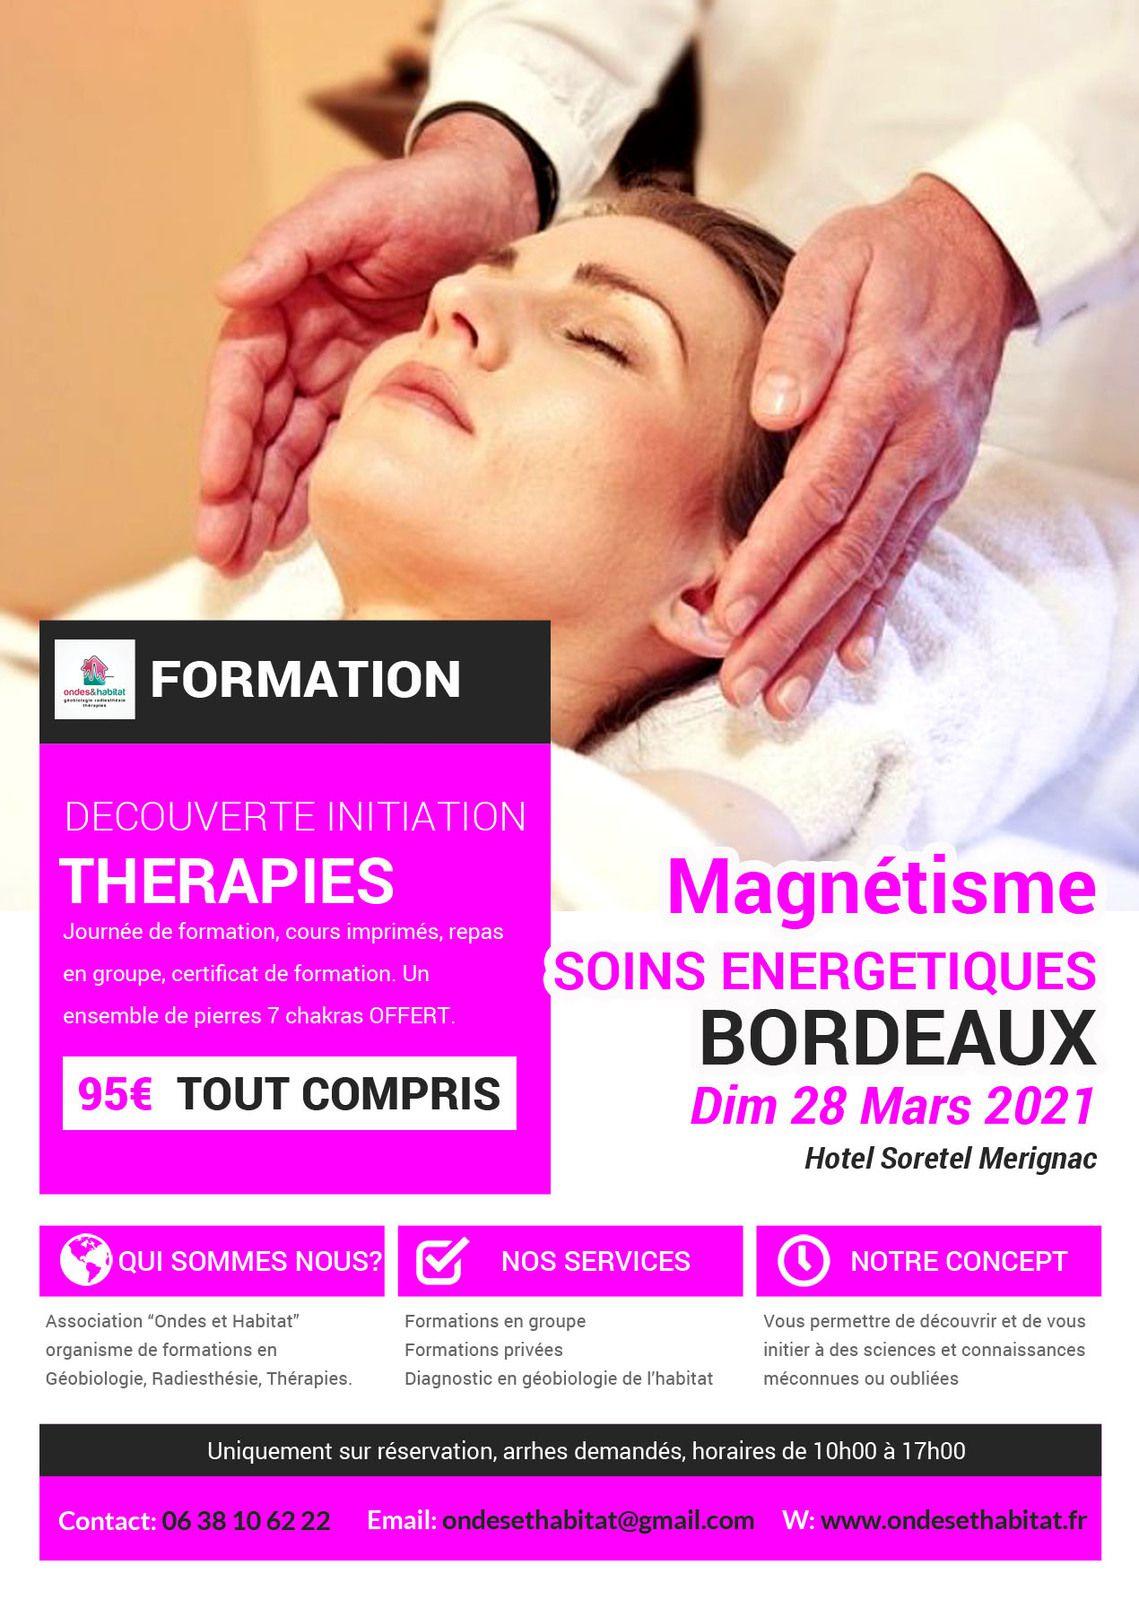 """BORDEAUX - Formation : """"Magnétisme et soins énergétiques"""" Découverte initiation 28 mars 2021"""